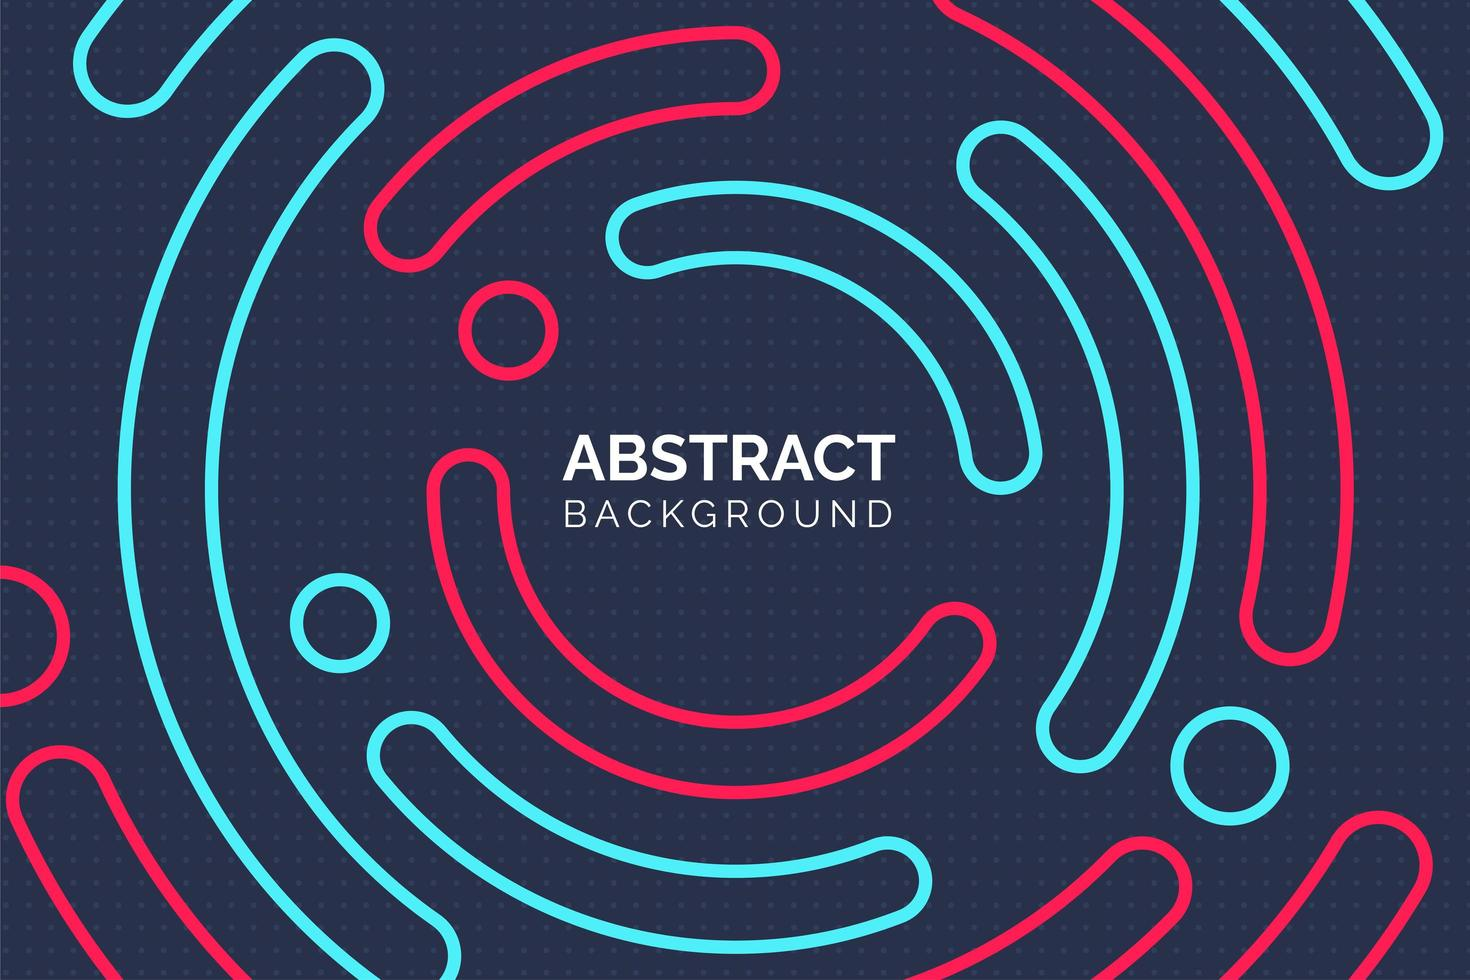 moderne abstracte kleurrijke cirkel achtergrond vector